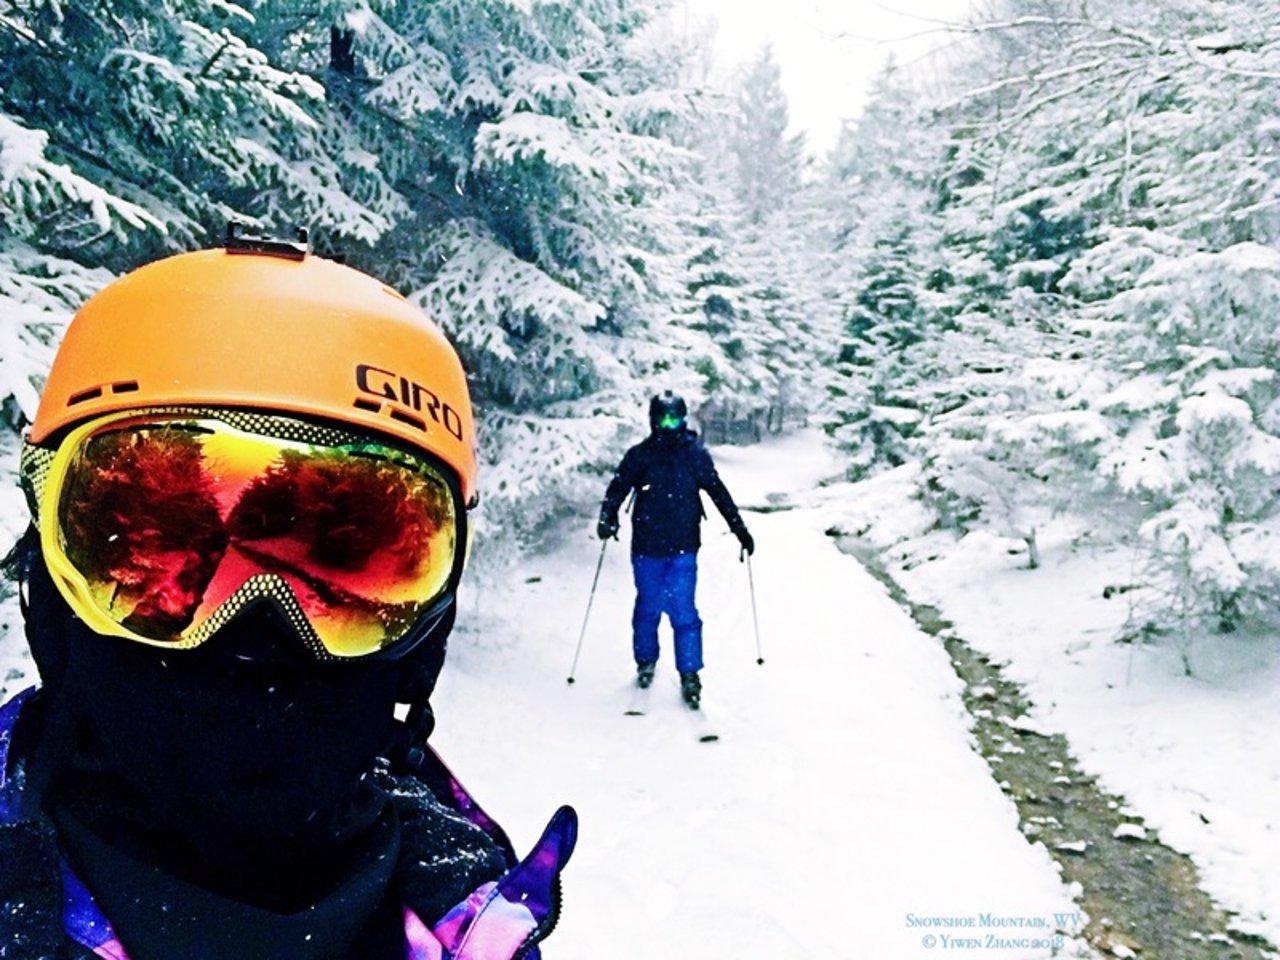 【滑雪】罗列下我们的滑雪装备+滑雪装备购买网站总结🎿